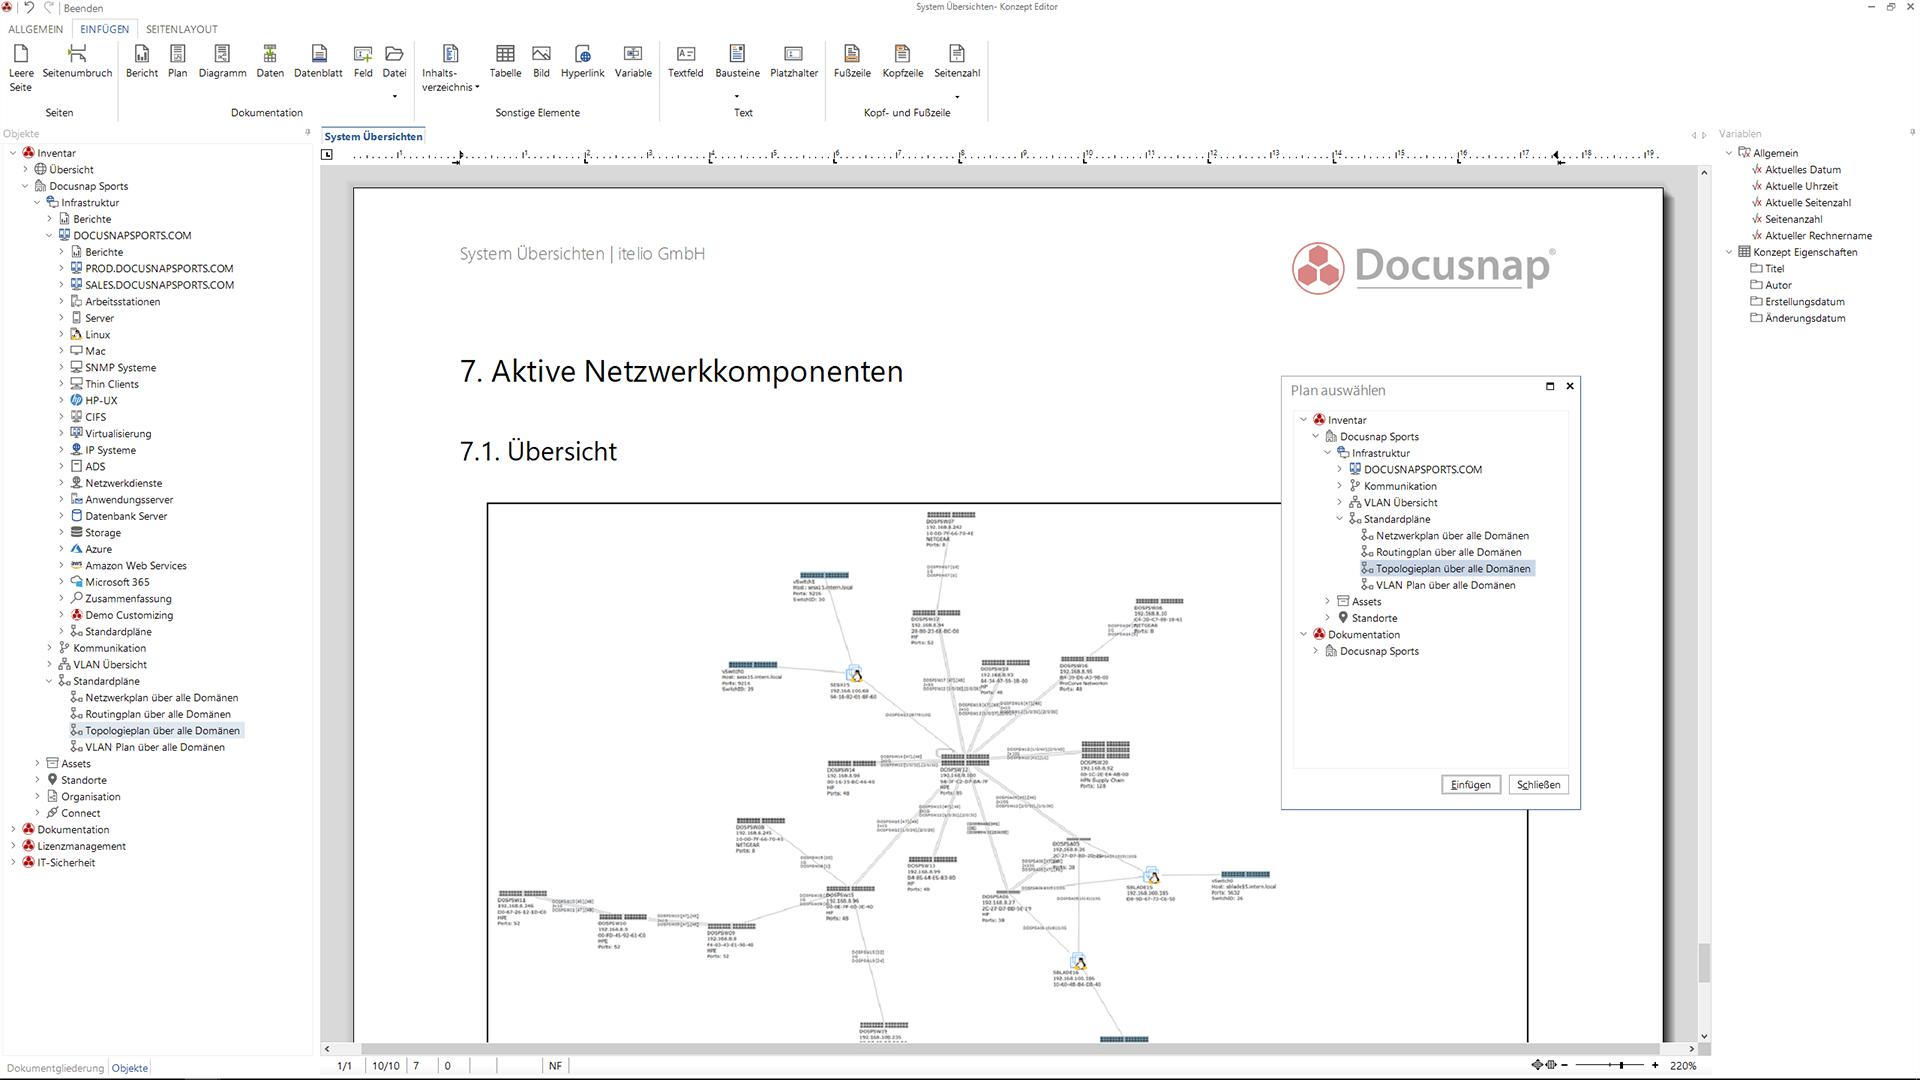 Screenshot: Vordefinierte IT-Konzepte innerhalb der IT-Dokumentation